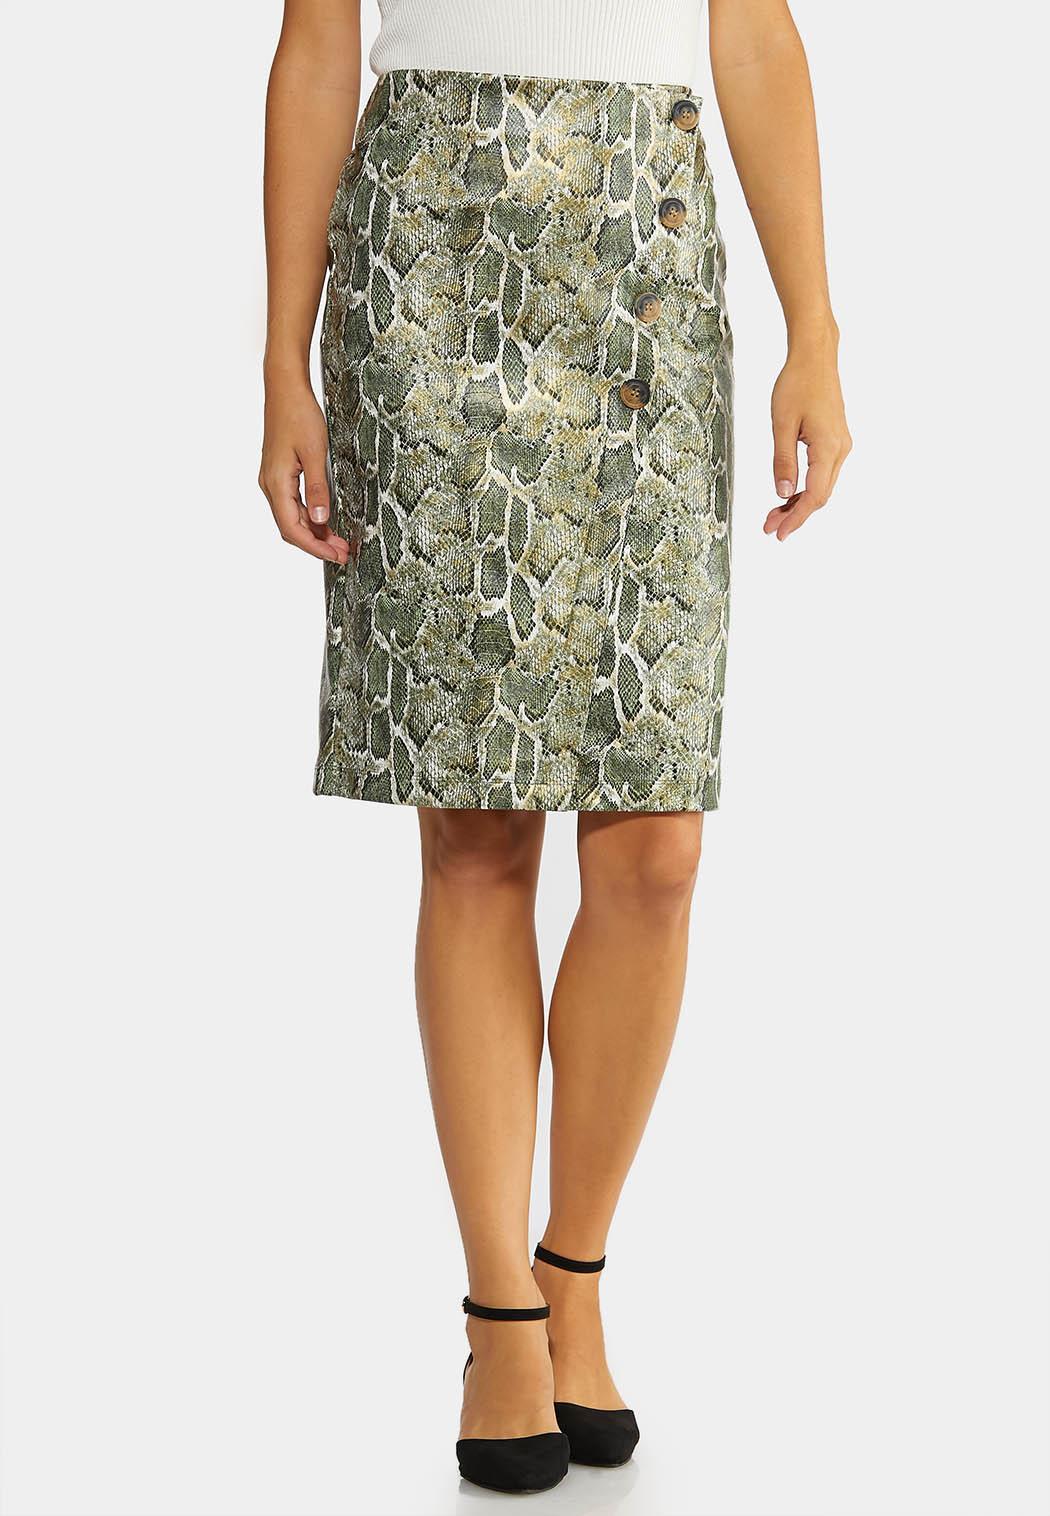 Green Snake Pencil Skirt